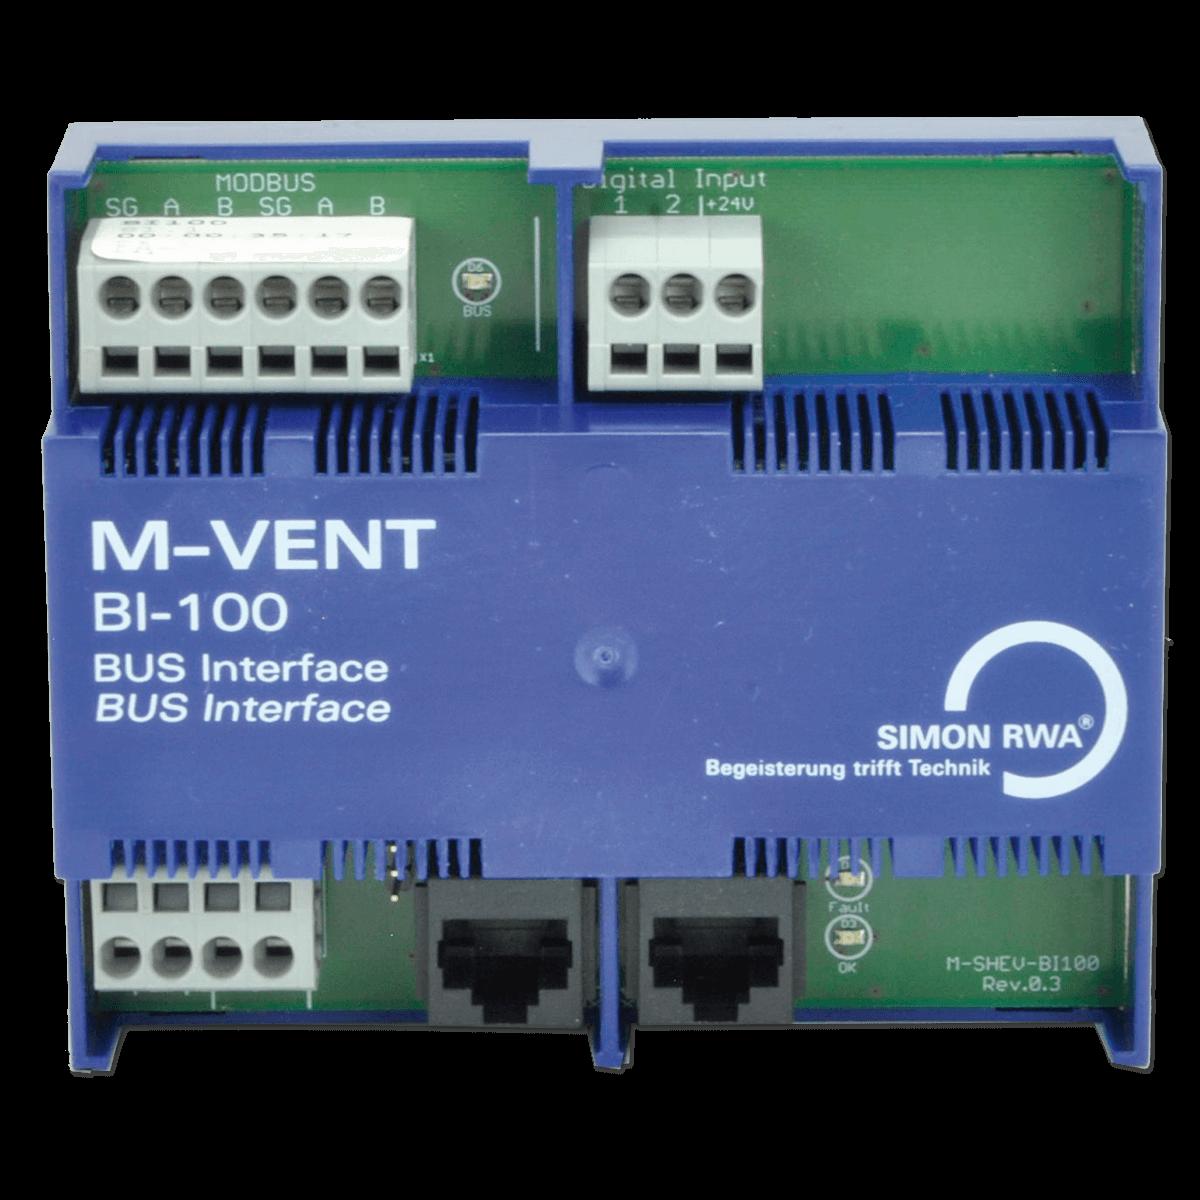 BI-100 Module M-VENT